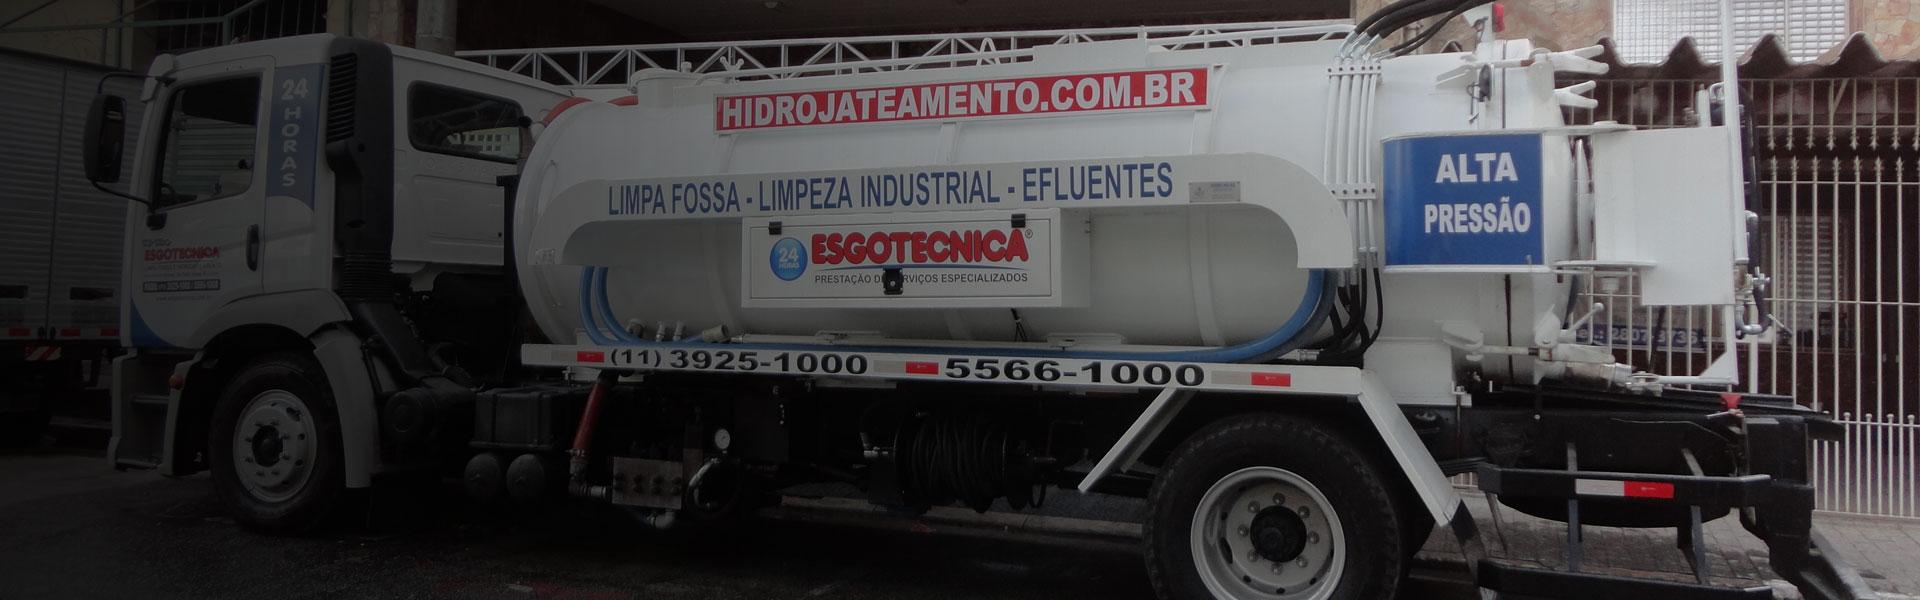 CAMINHÃO HIDROJATEAMENTO